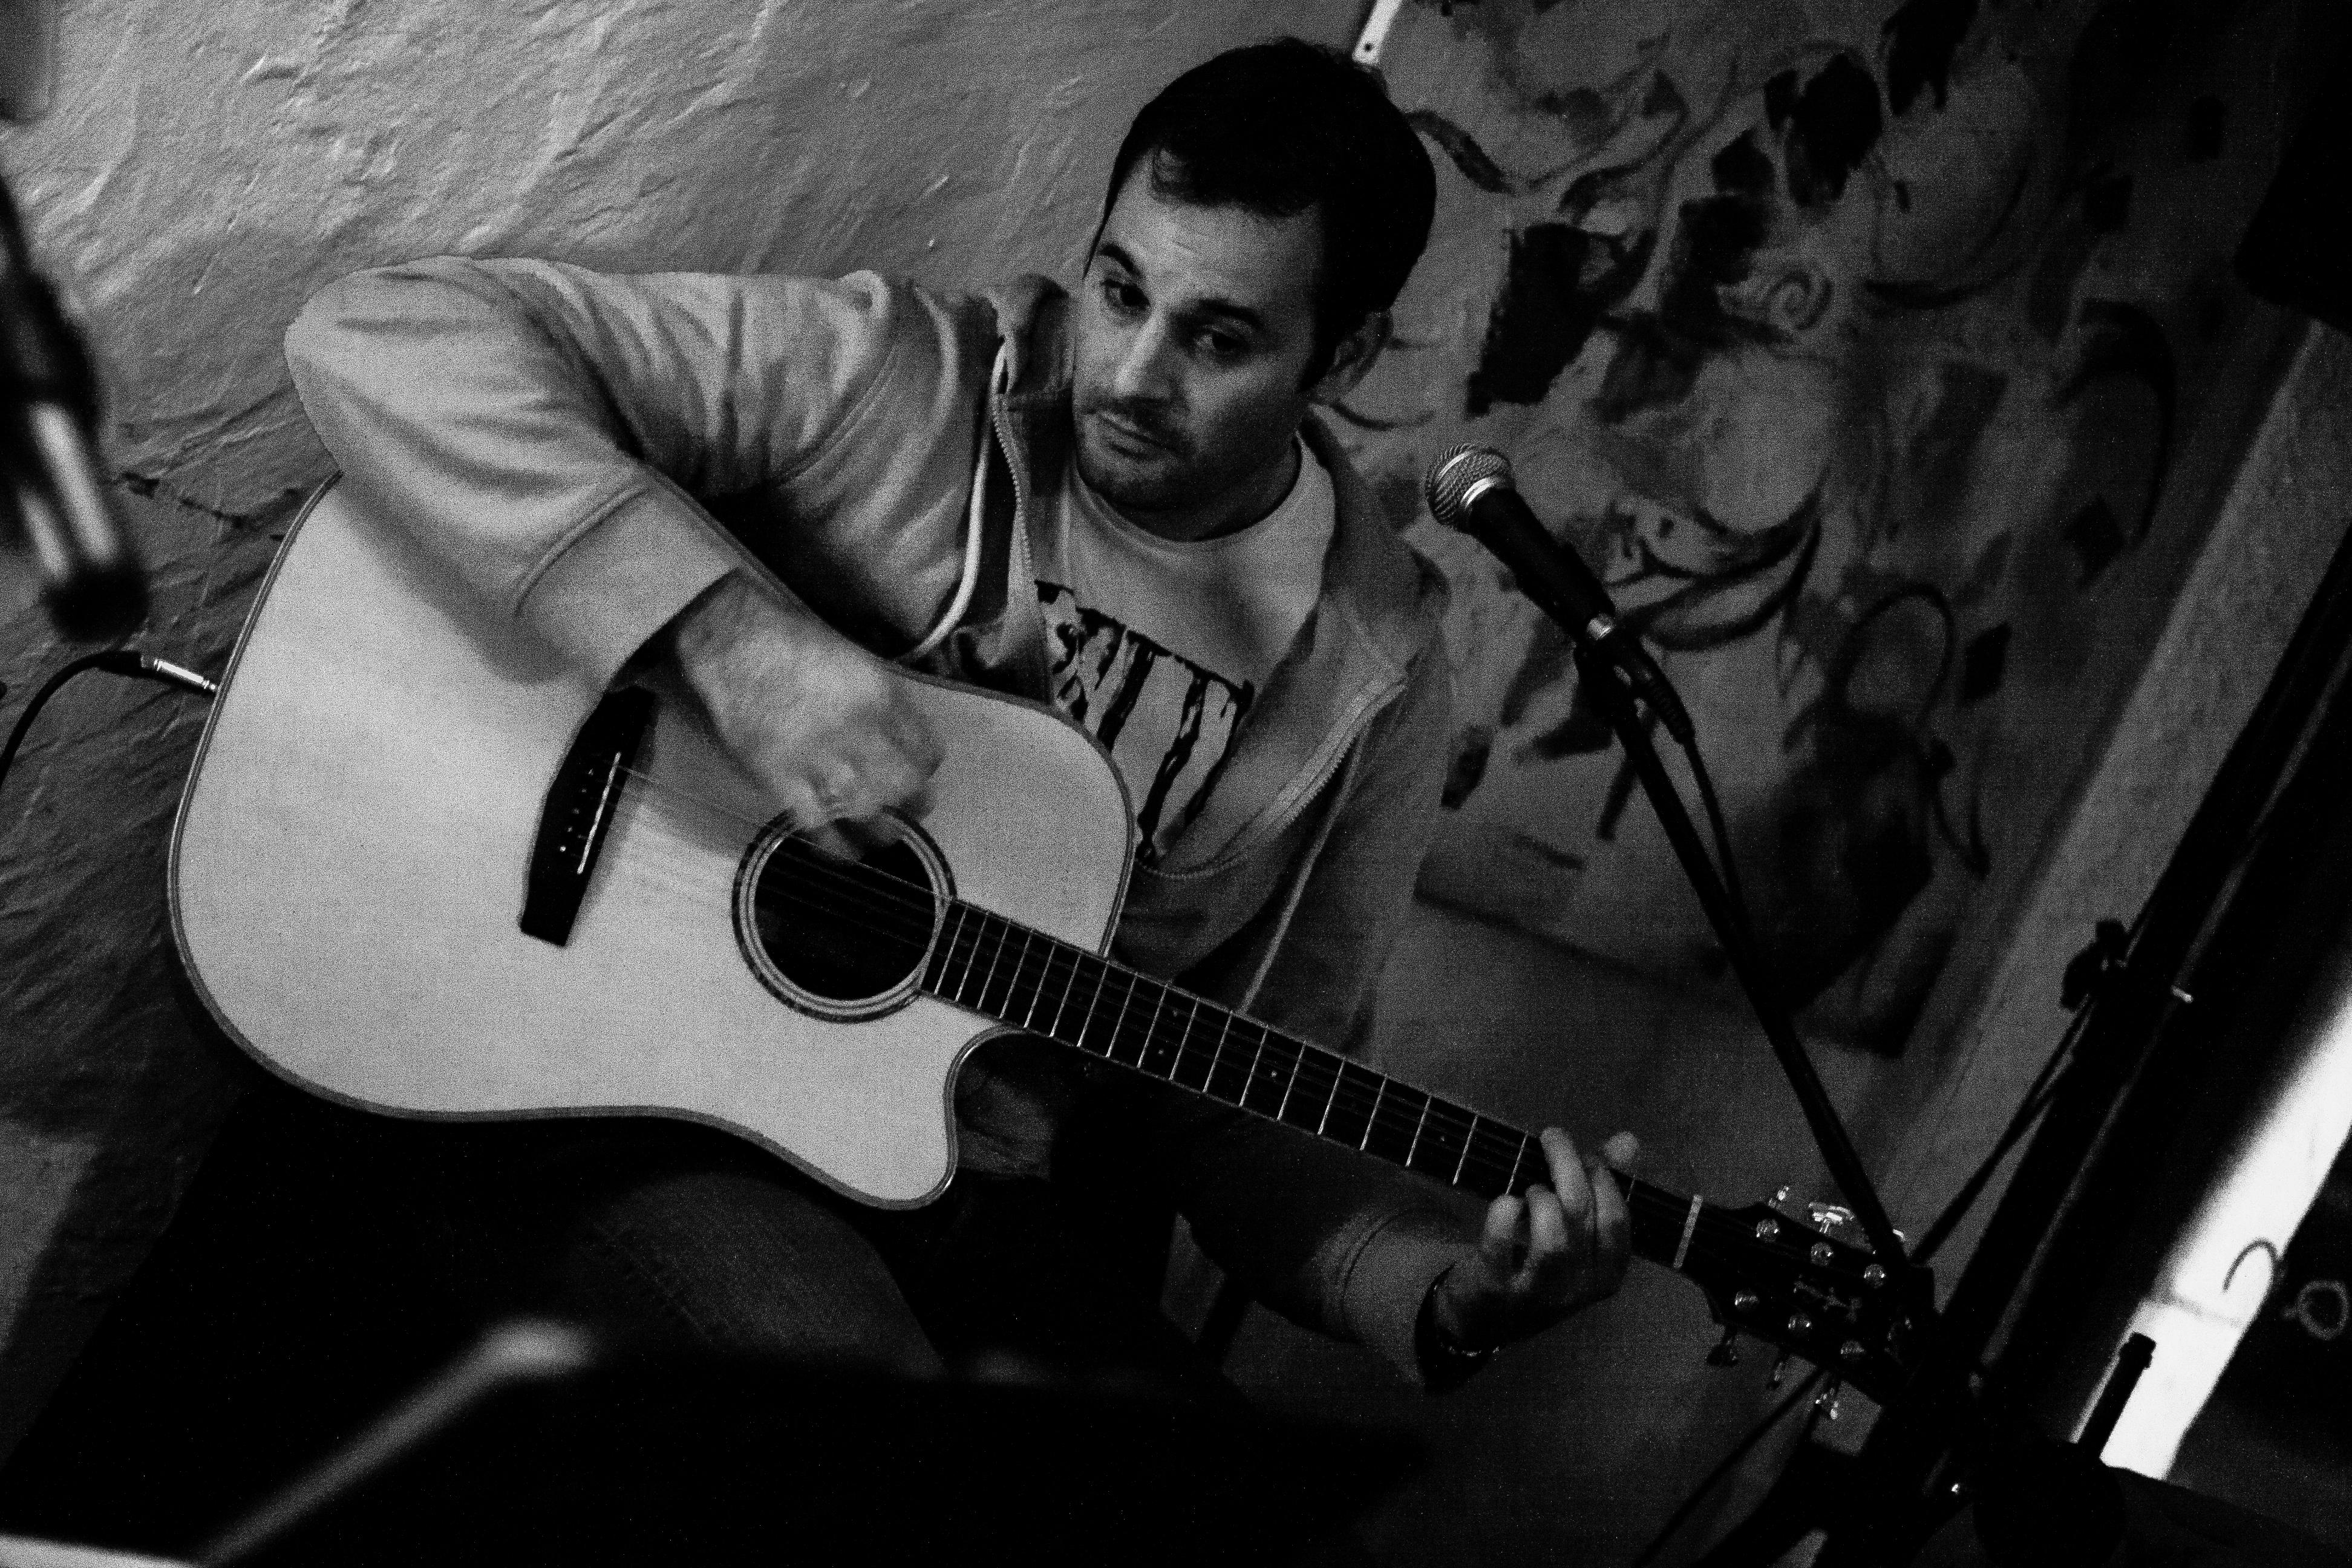 Kostenlose foto Musik Schwarz und weiß Weiß Fotografie Gitarre Bar Konzert Leben Kanon Musiker schwarz einfarbig Akustisch 40d Montluon